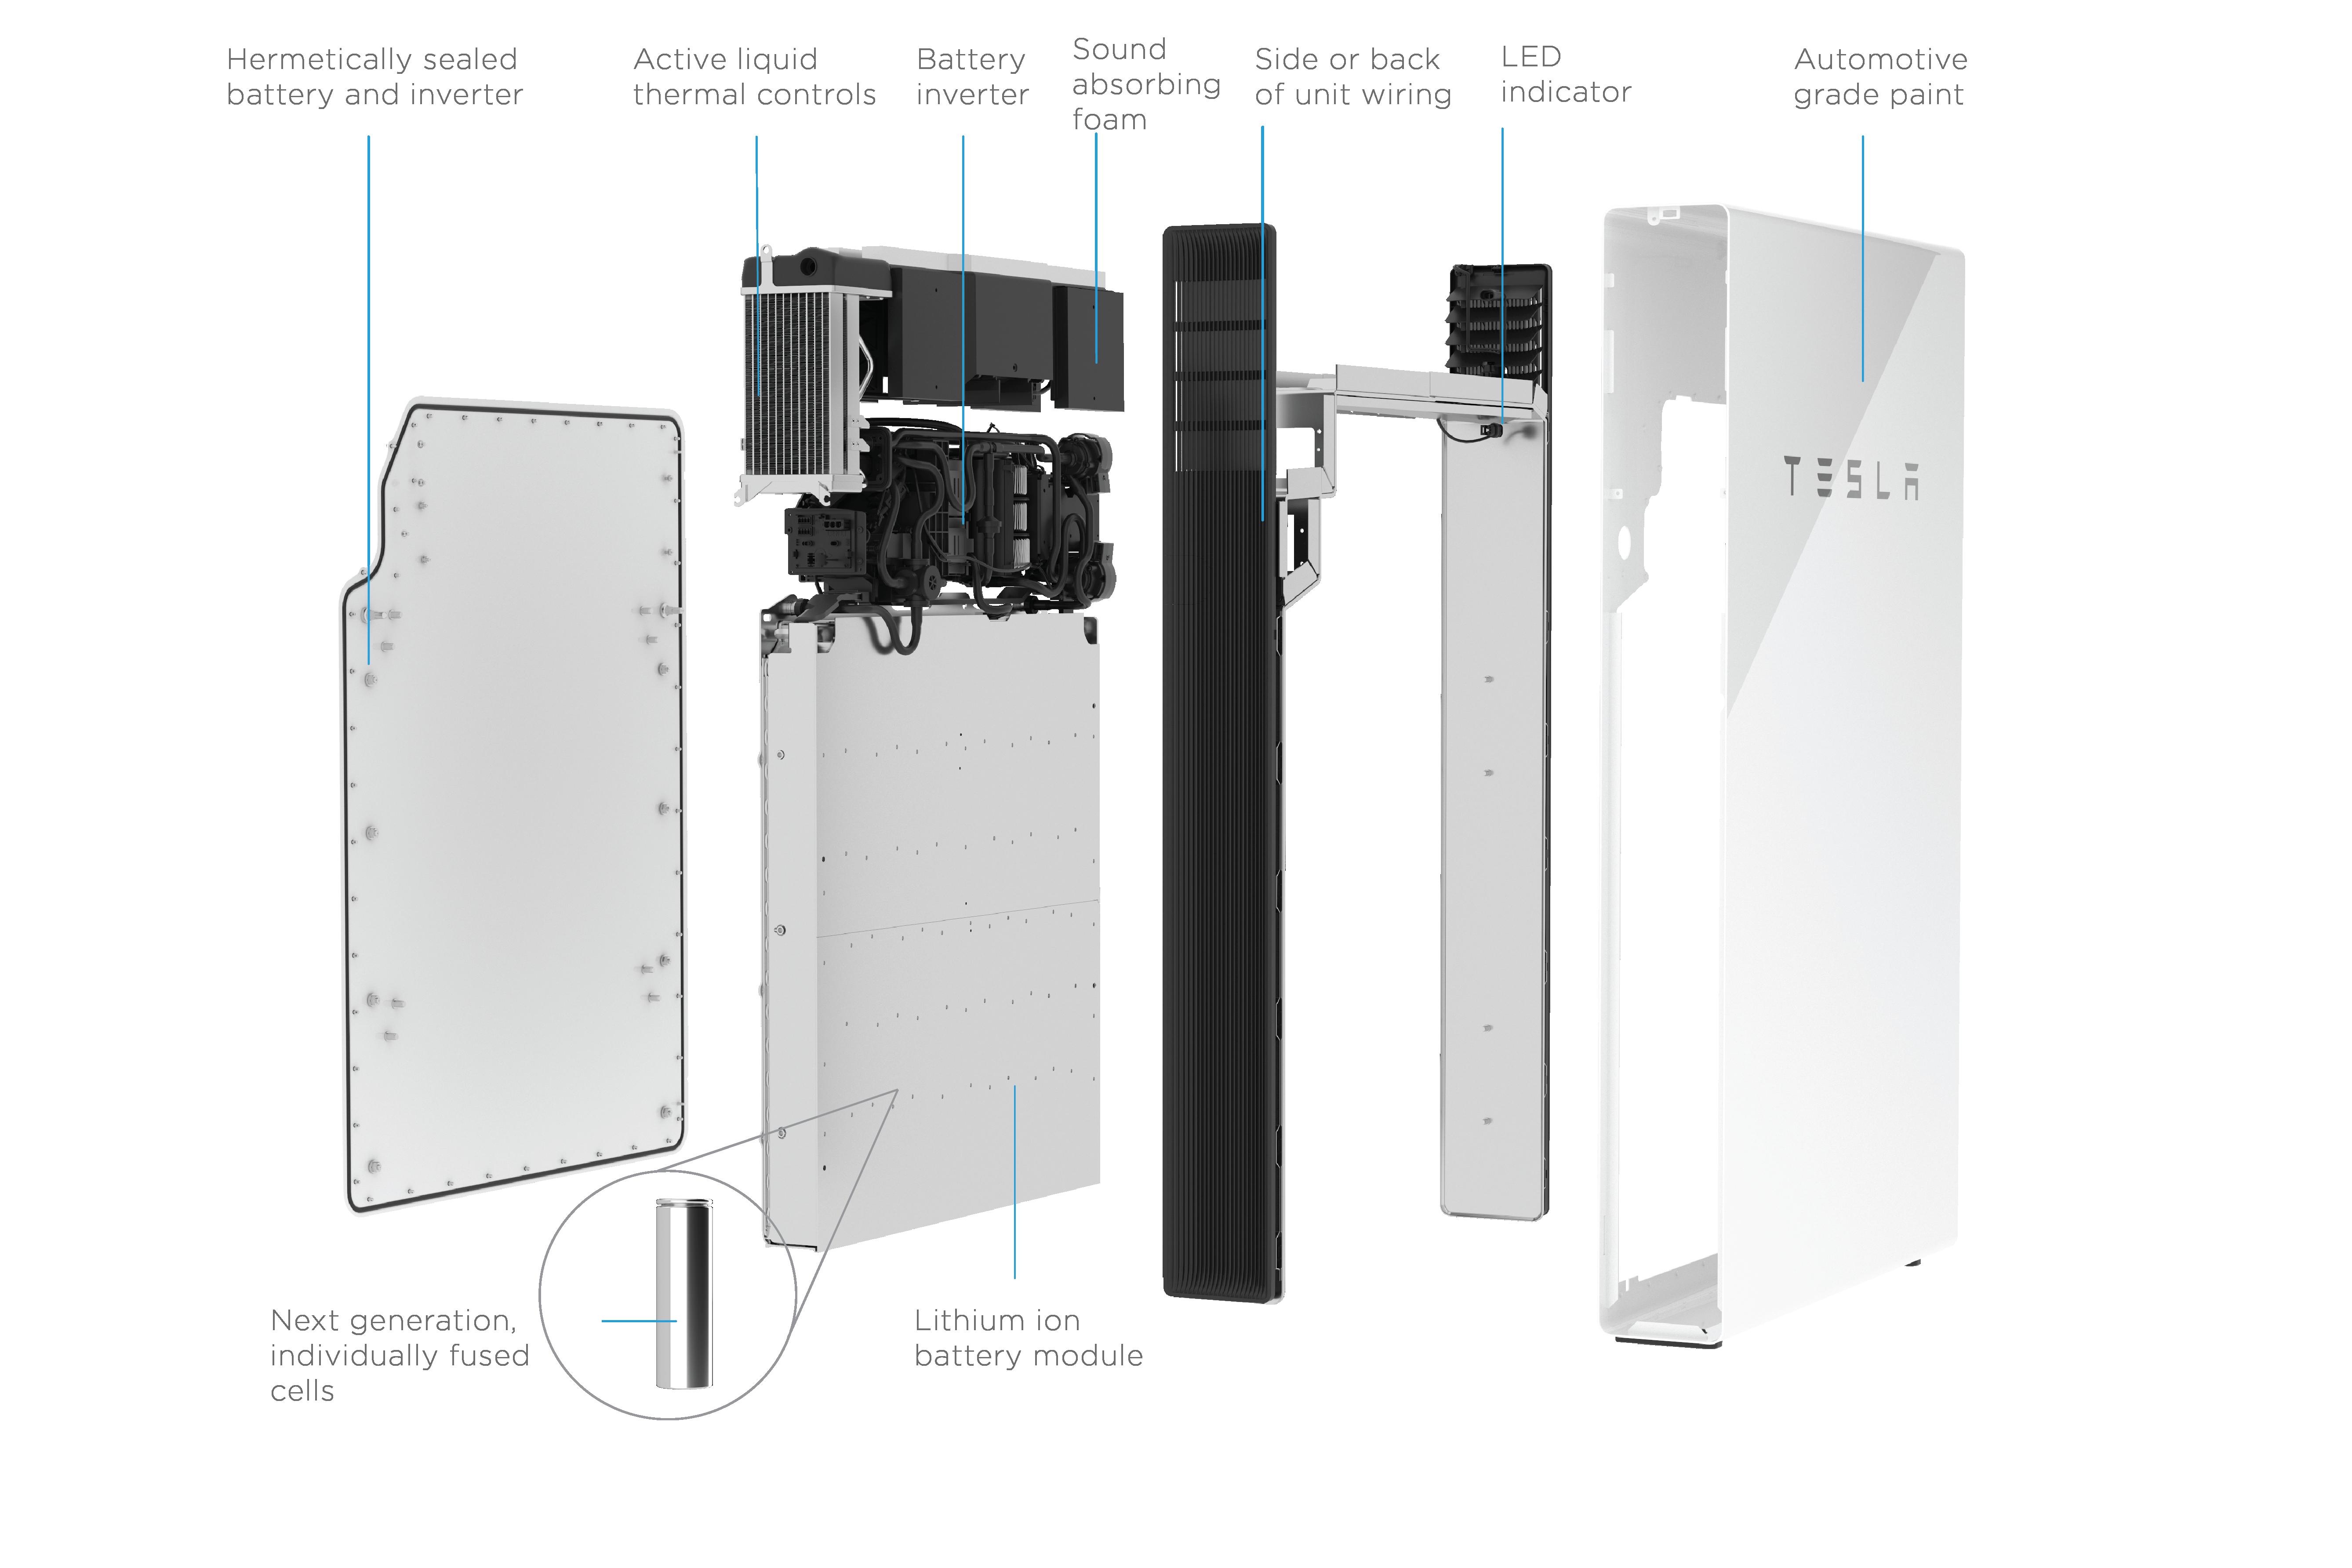 Breaking Tesla Powerwall Gets New Features Prices Raised Cleantechnica Powerwall Tesla Powerwall Tesla